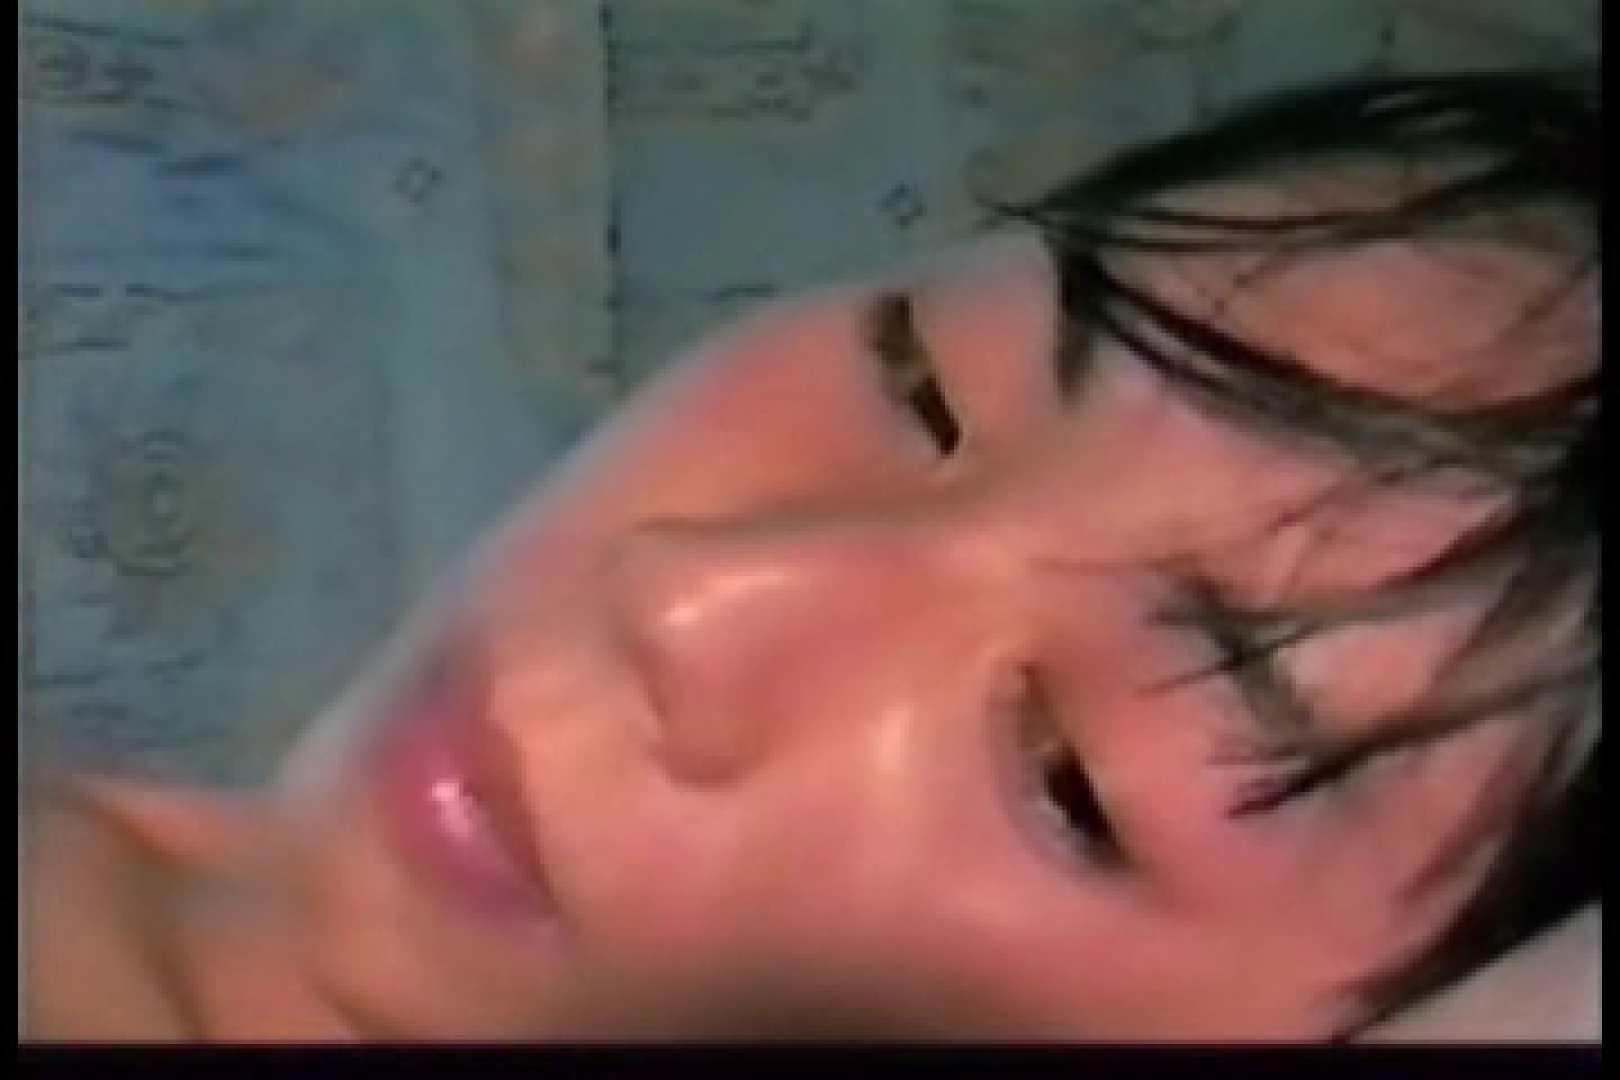 【個人製作】若き男子たちのジャム遊び フェラ天国 ゲイ無修正ビデオ画像 62pic 43